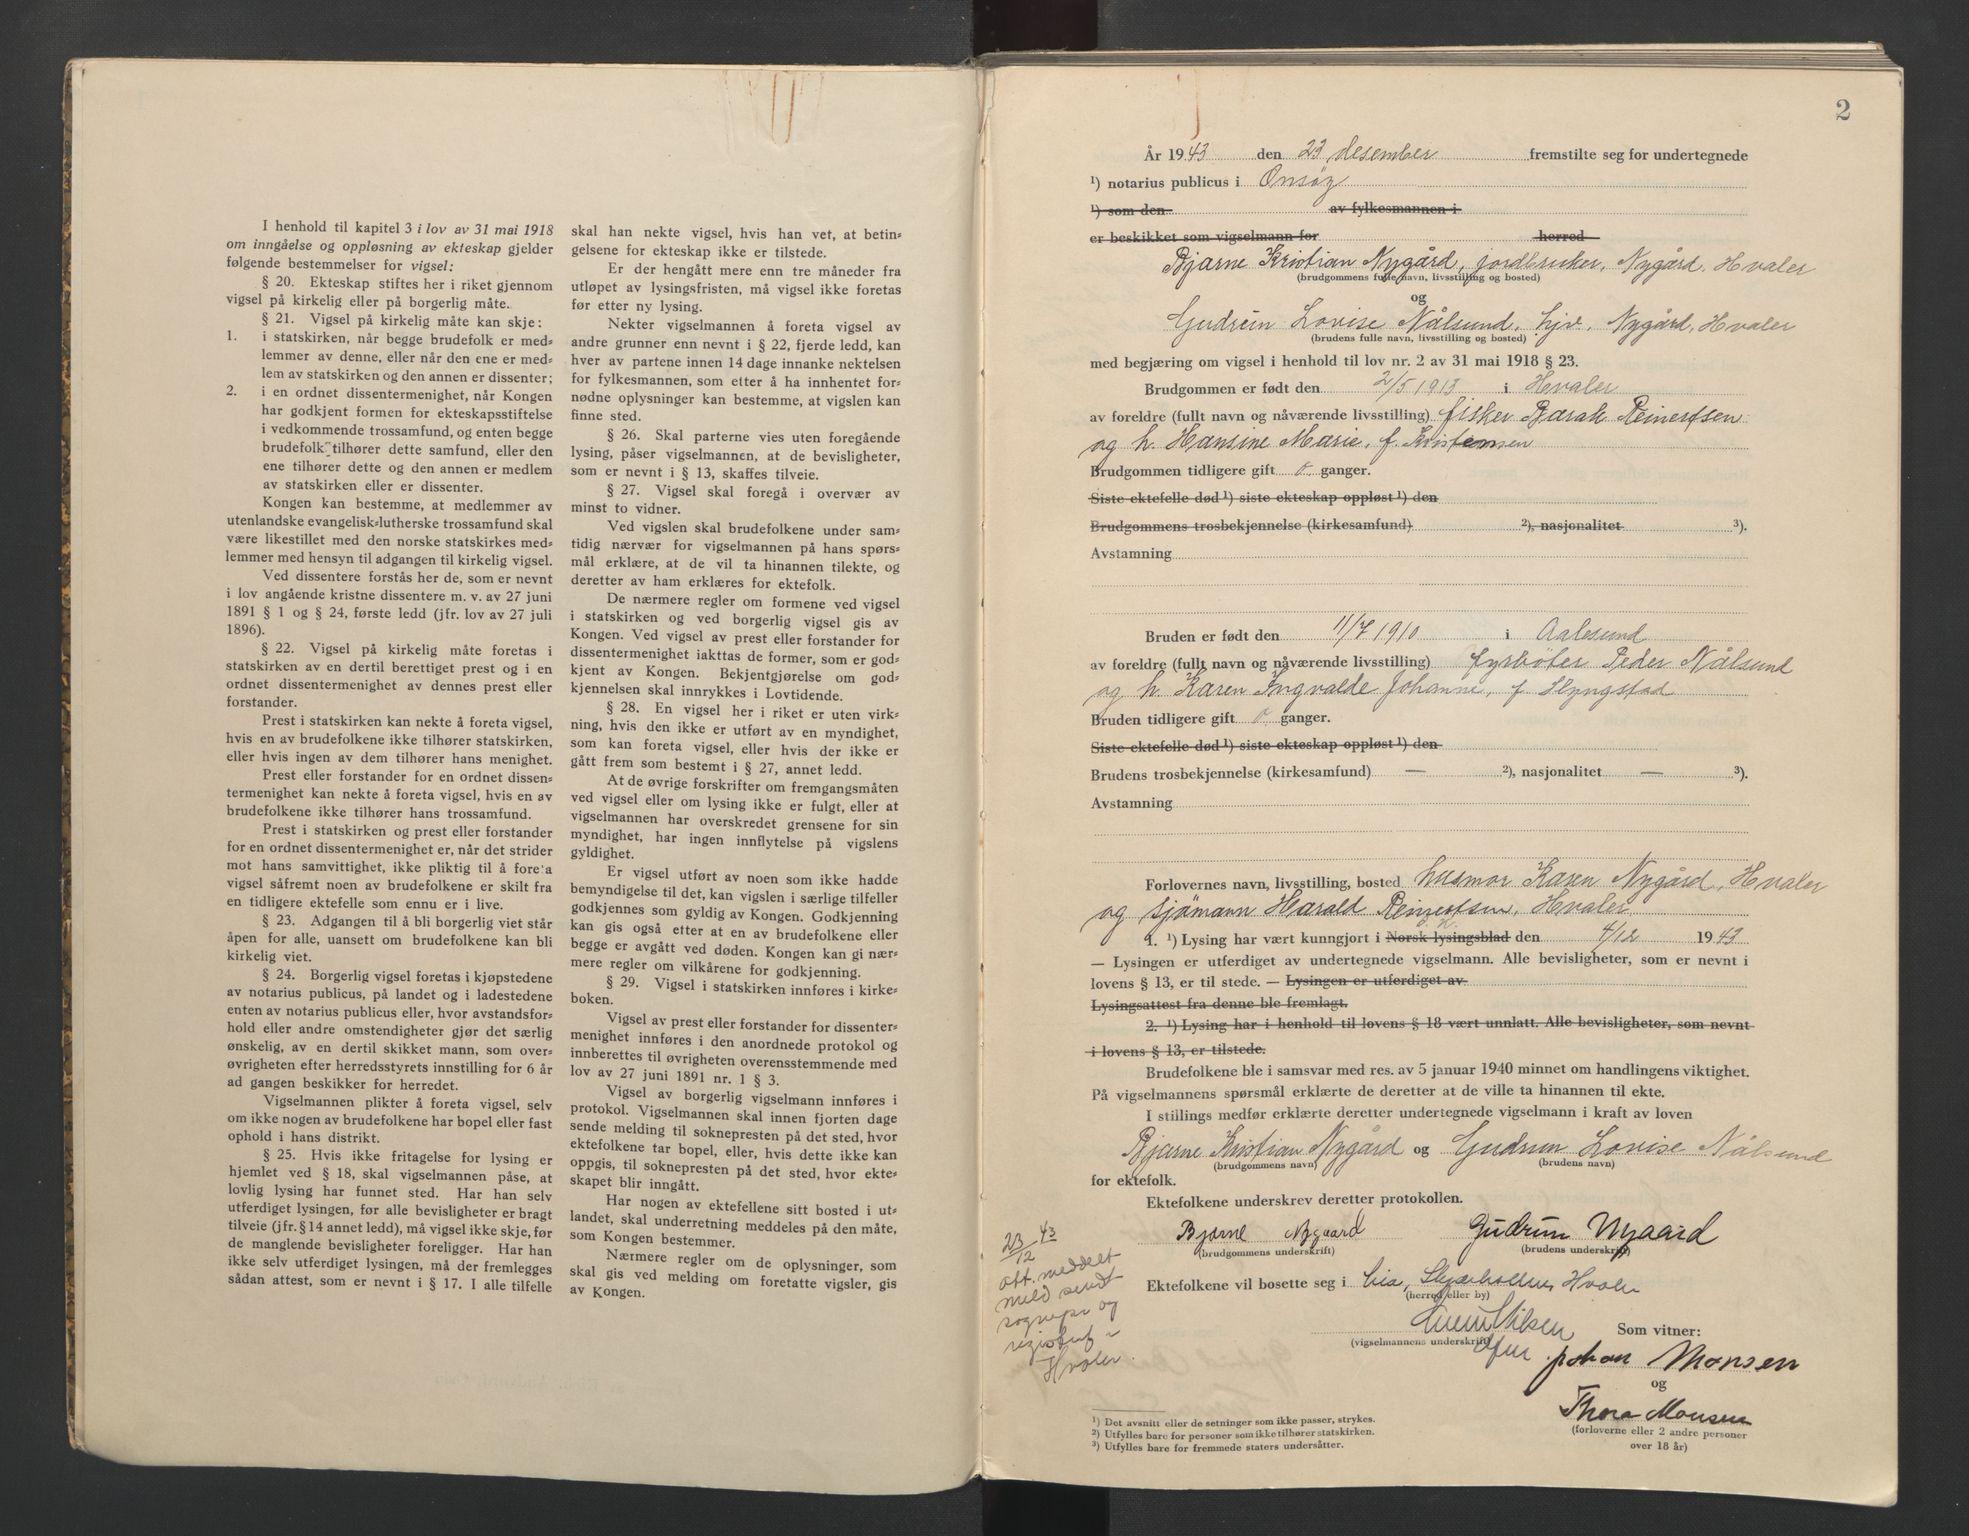 SAO, Onsøy sorenskriveri, L/La/L0004: Vigselsbok, 1943-1944, s. 2